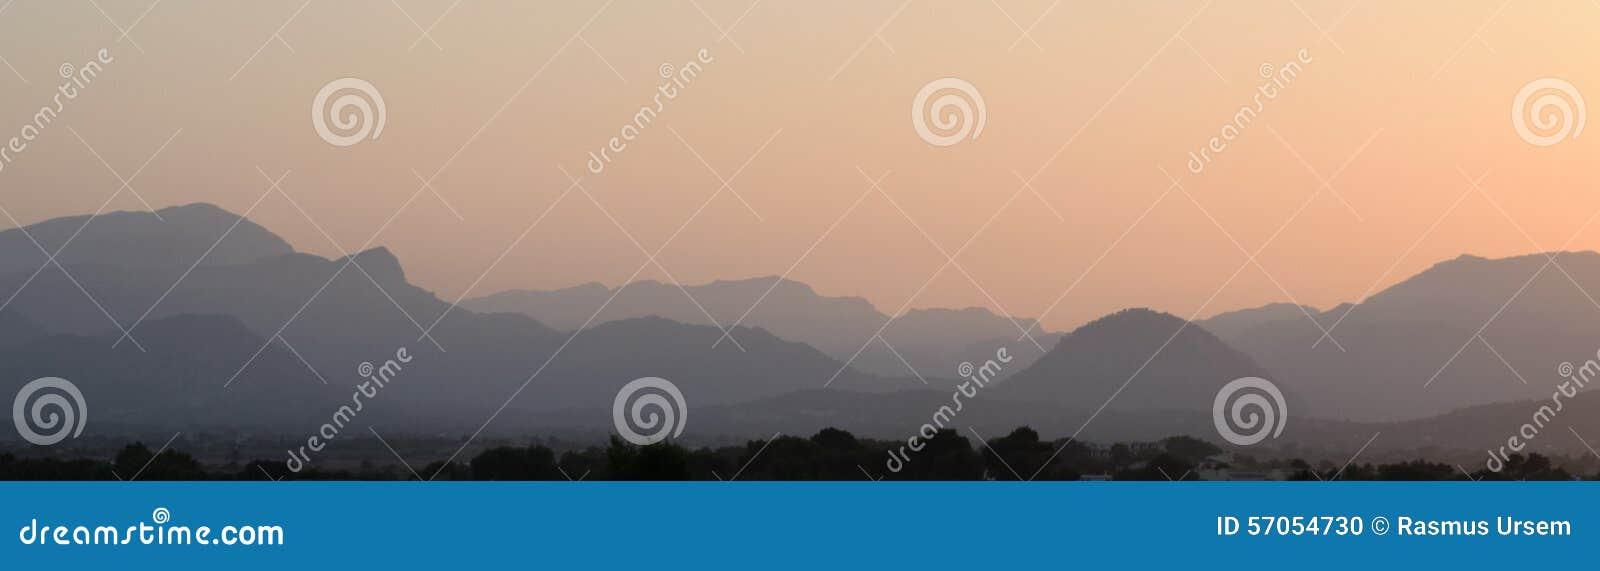 Nevelige bergen dichtbij Alcudia op Majorca